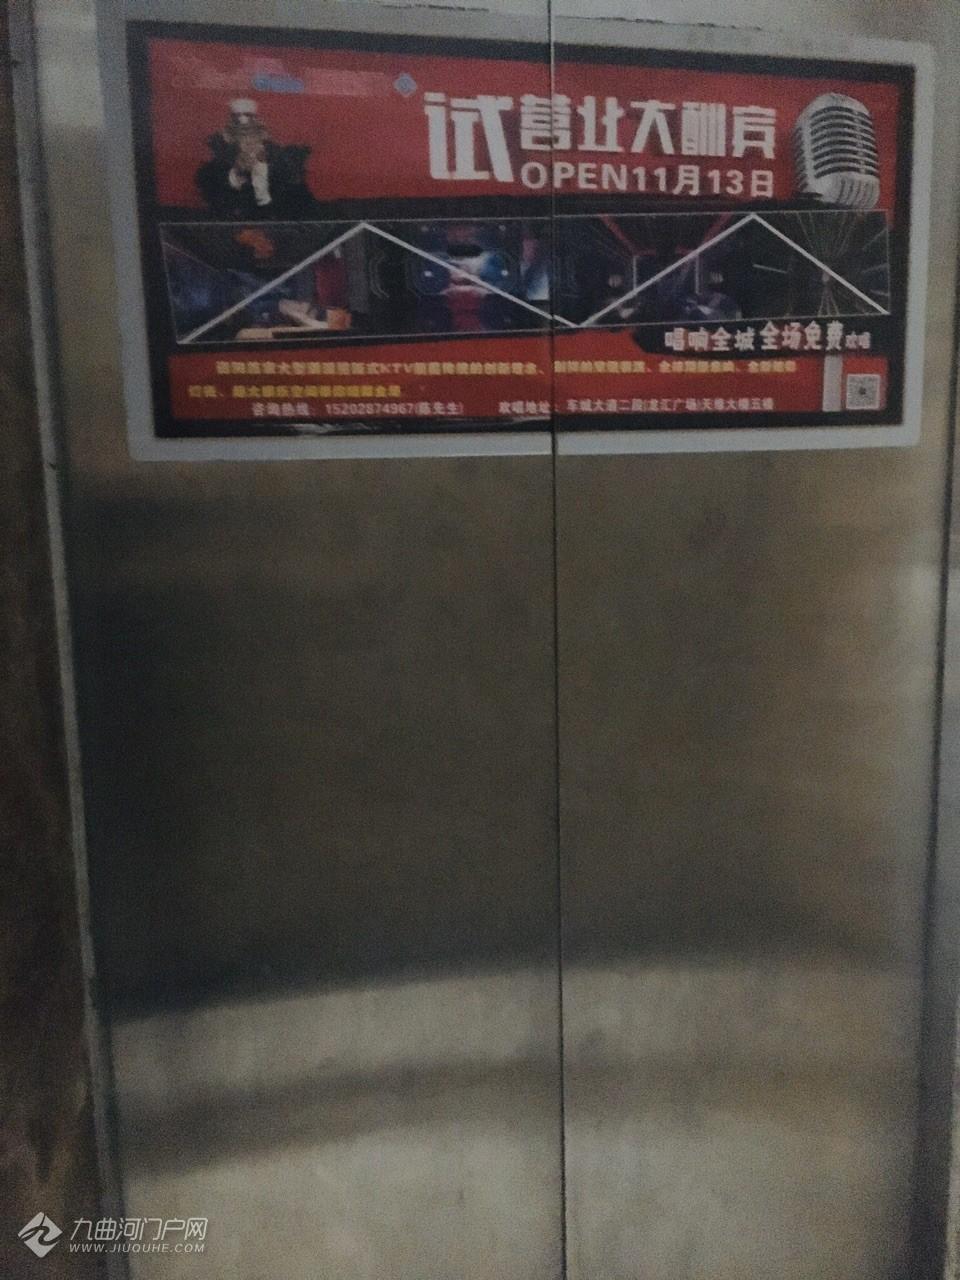 今天上午资阳九曲一号全小区电梯停用,物业故意停电,事情还在发展中…